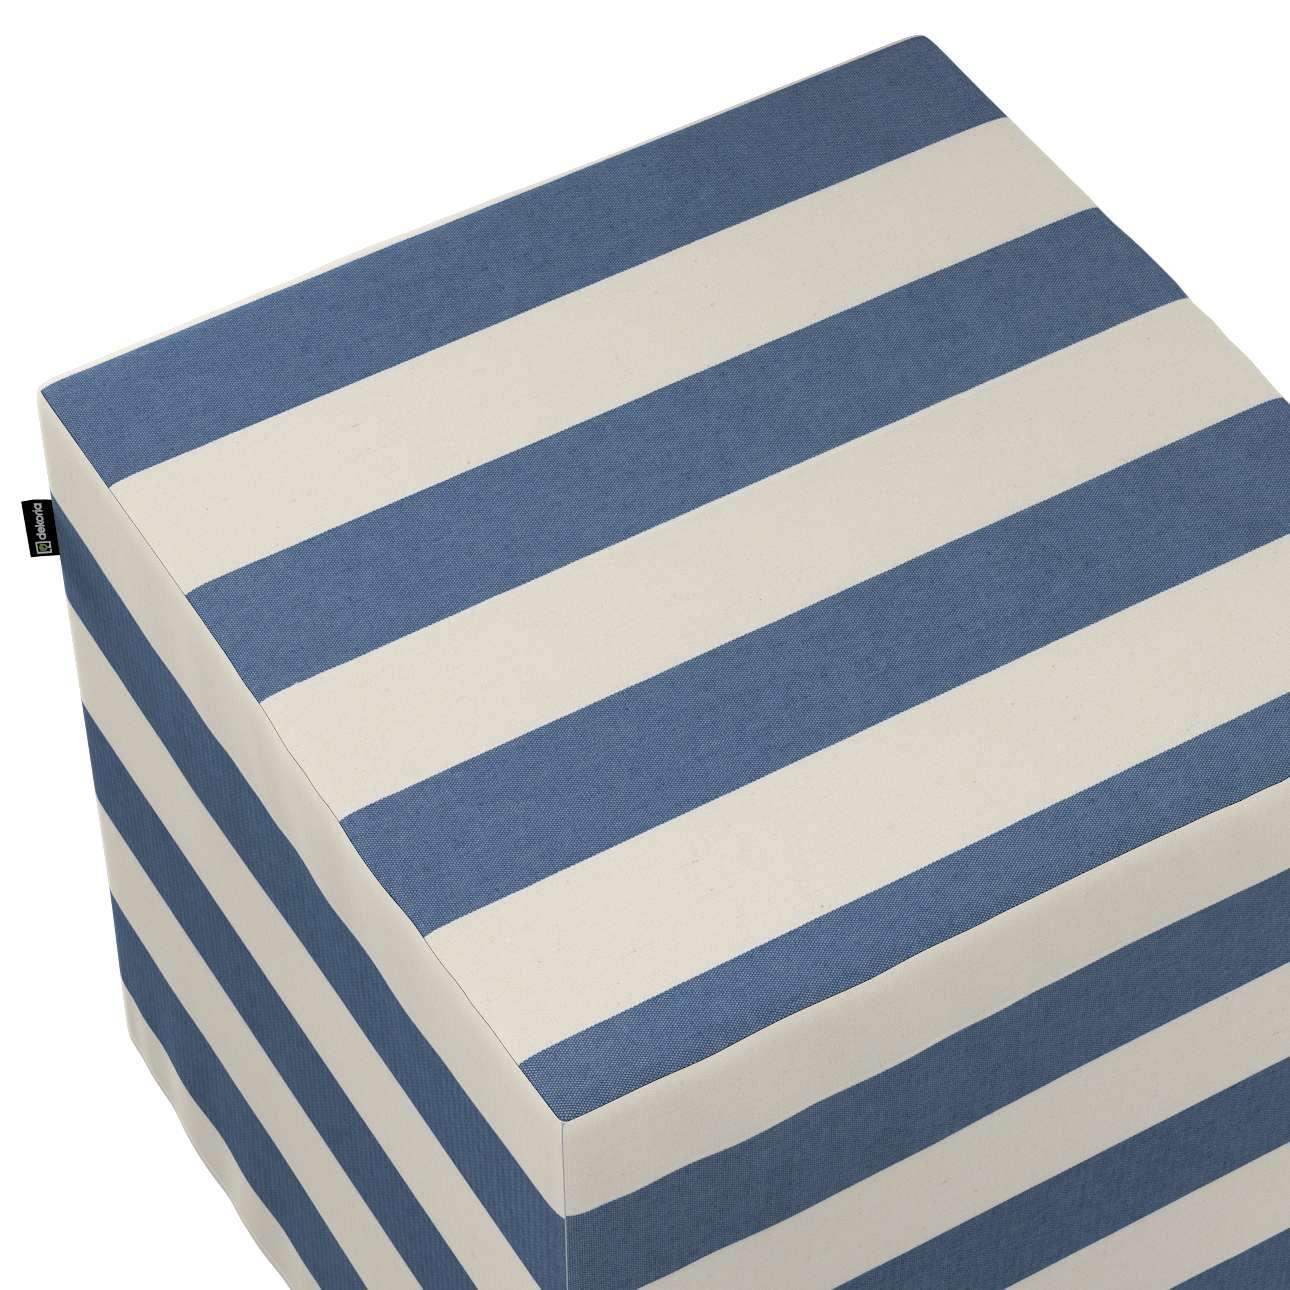 Sitzwürfel von der Kollektion Quadro, Stoff: 142-70